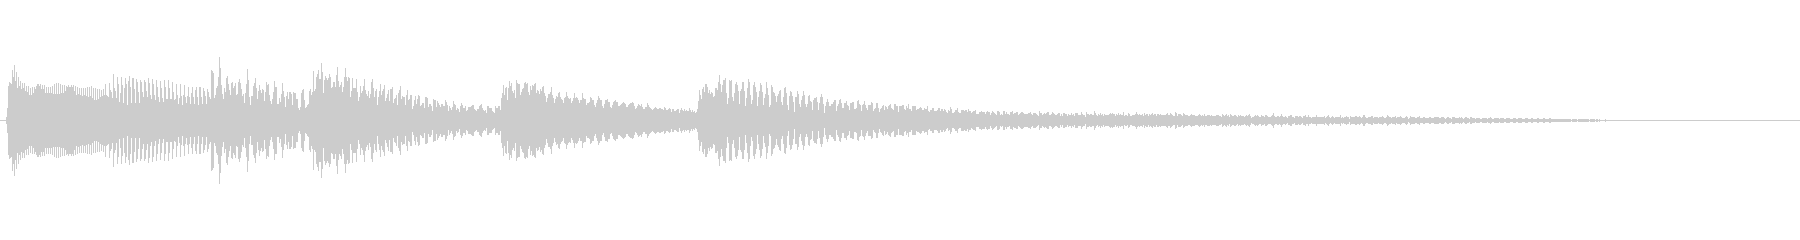 【生演奏】少し不協和音のピアノジングルの未再生の波形